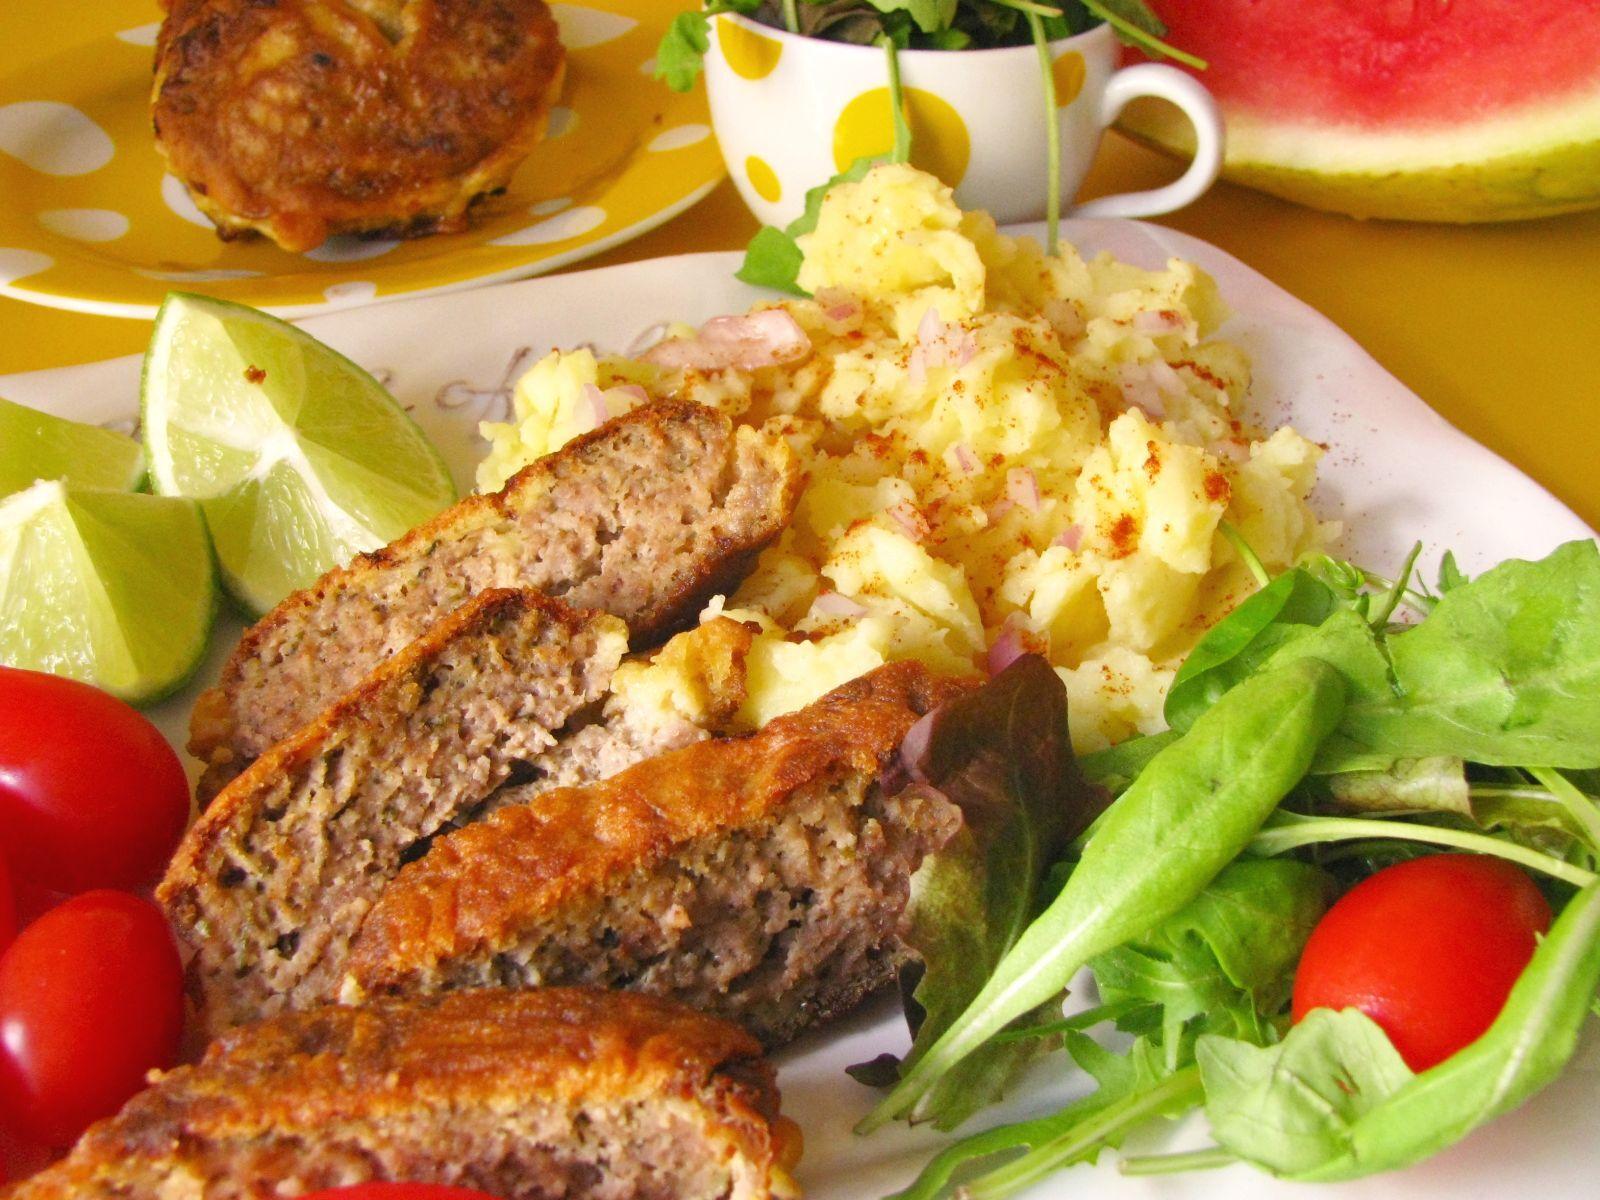 Maslový rezeň z mletého mäsa v cestíčku